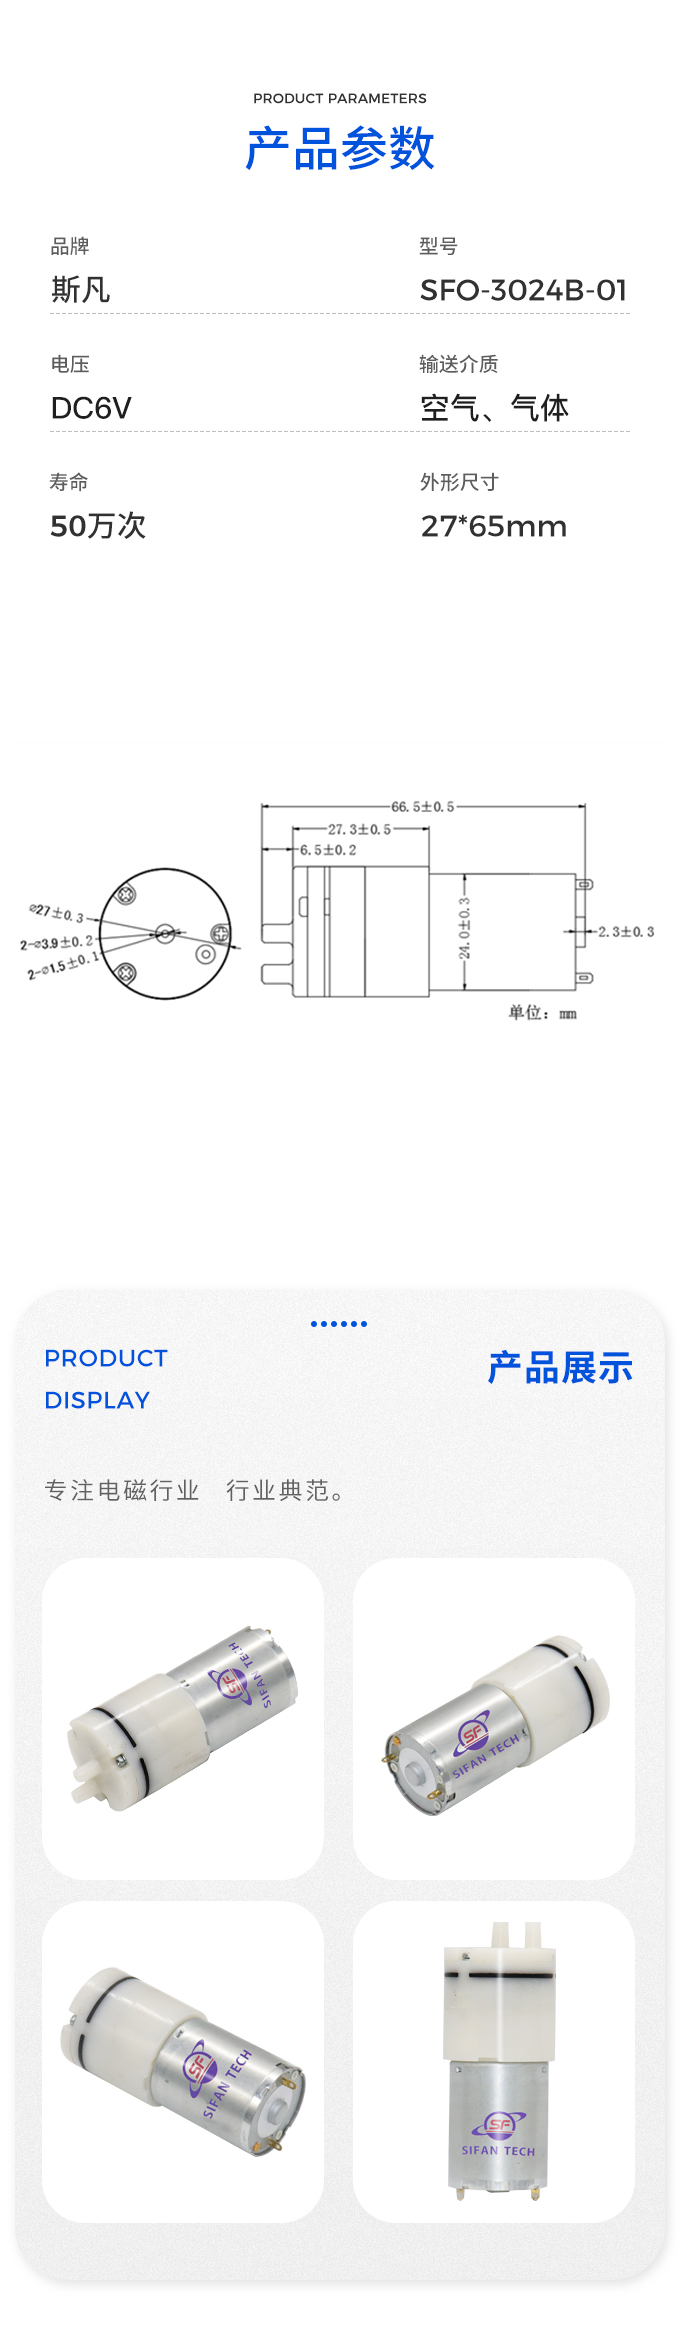 SFO-3024B-01.jpg